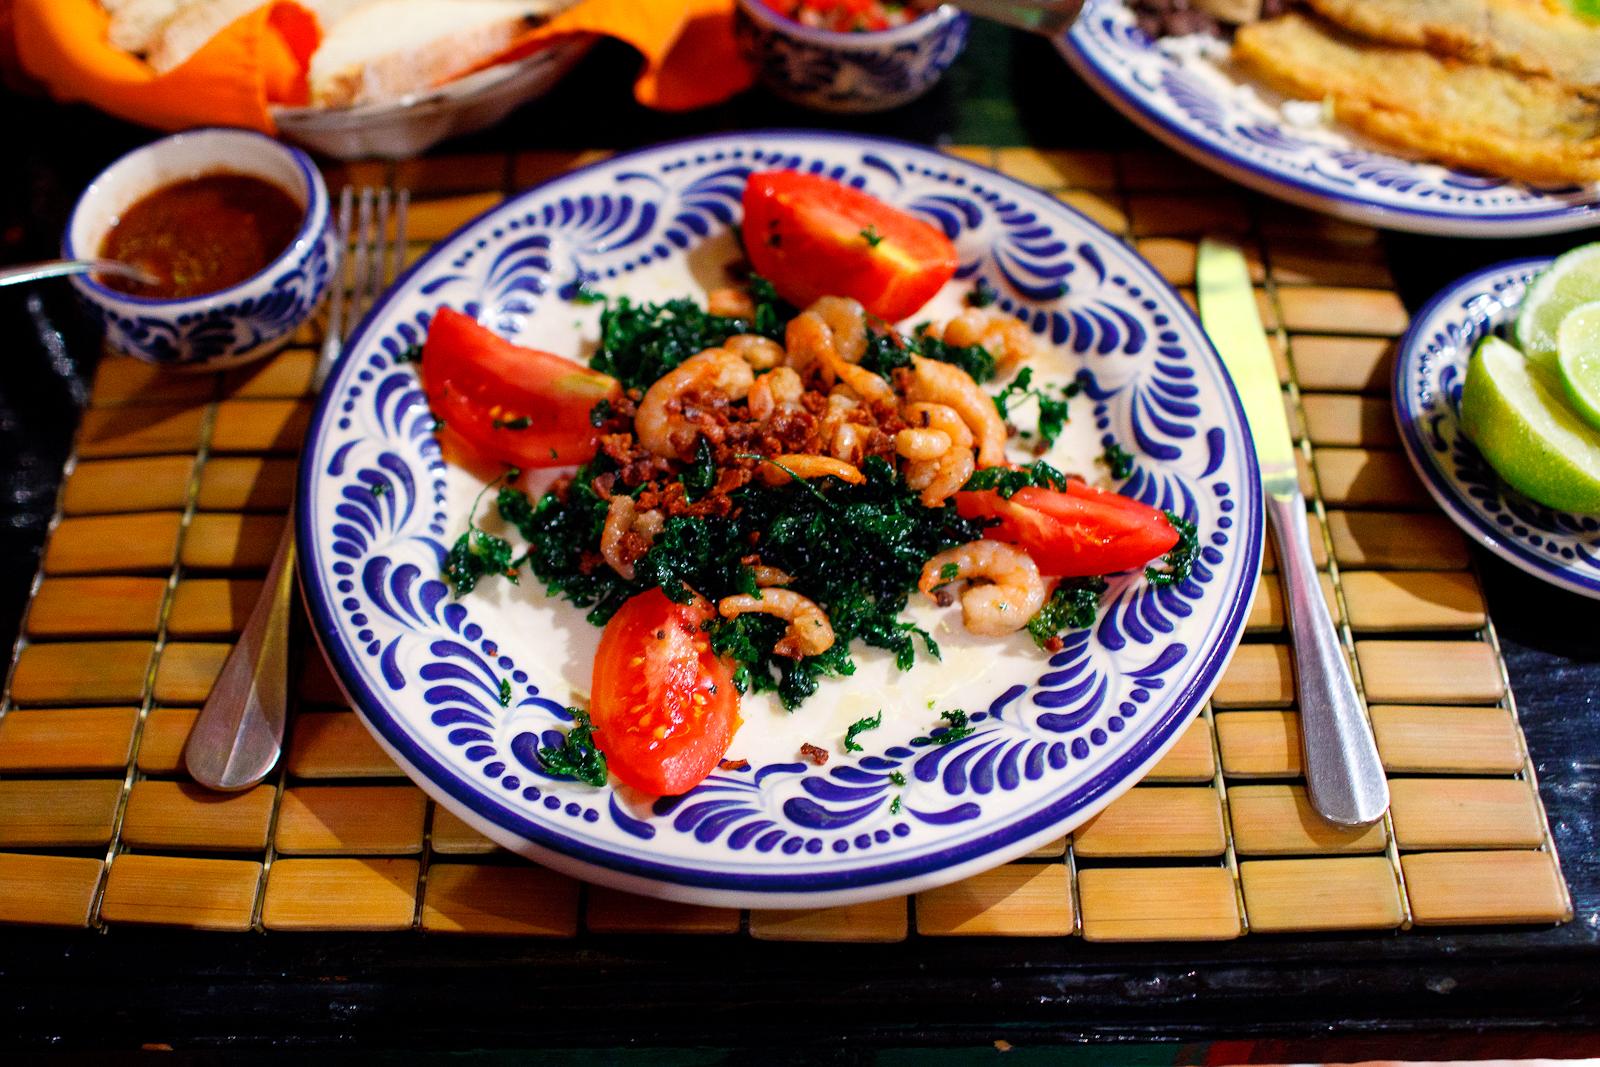 Perejil frito con limón, sal, camarones, y tocino espolvoreado (Fried parsley with lime, salt, baby shrimp, and bacon powder) ($62 MXP)